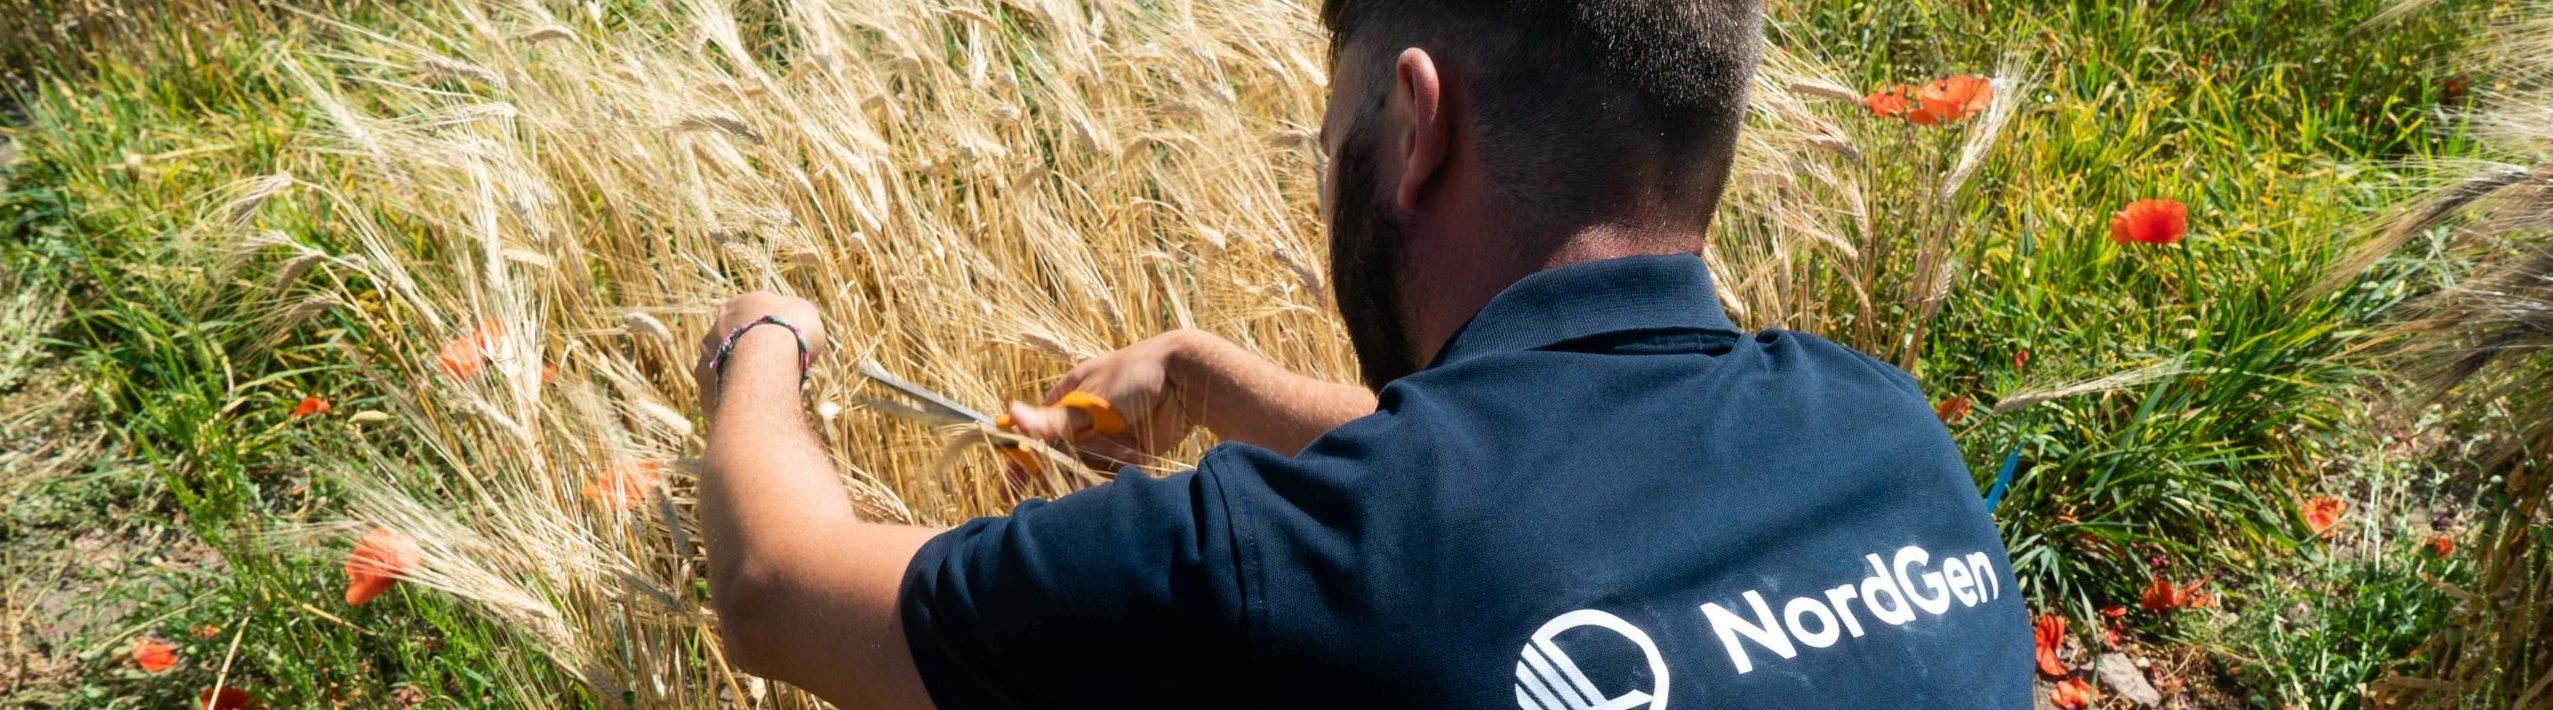 Medarbetare på NordGen klipper korn med sax på ett fält.